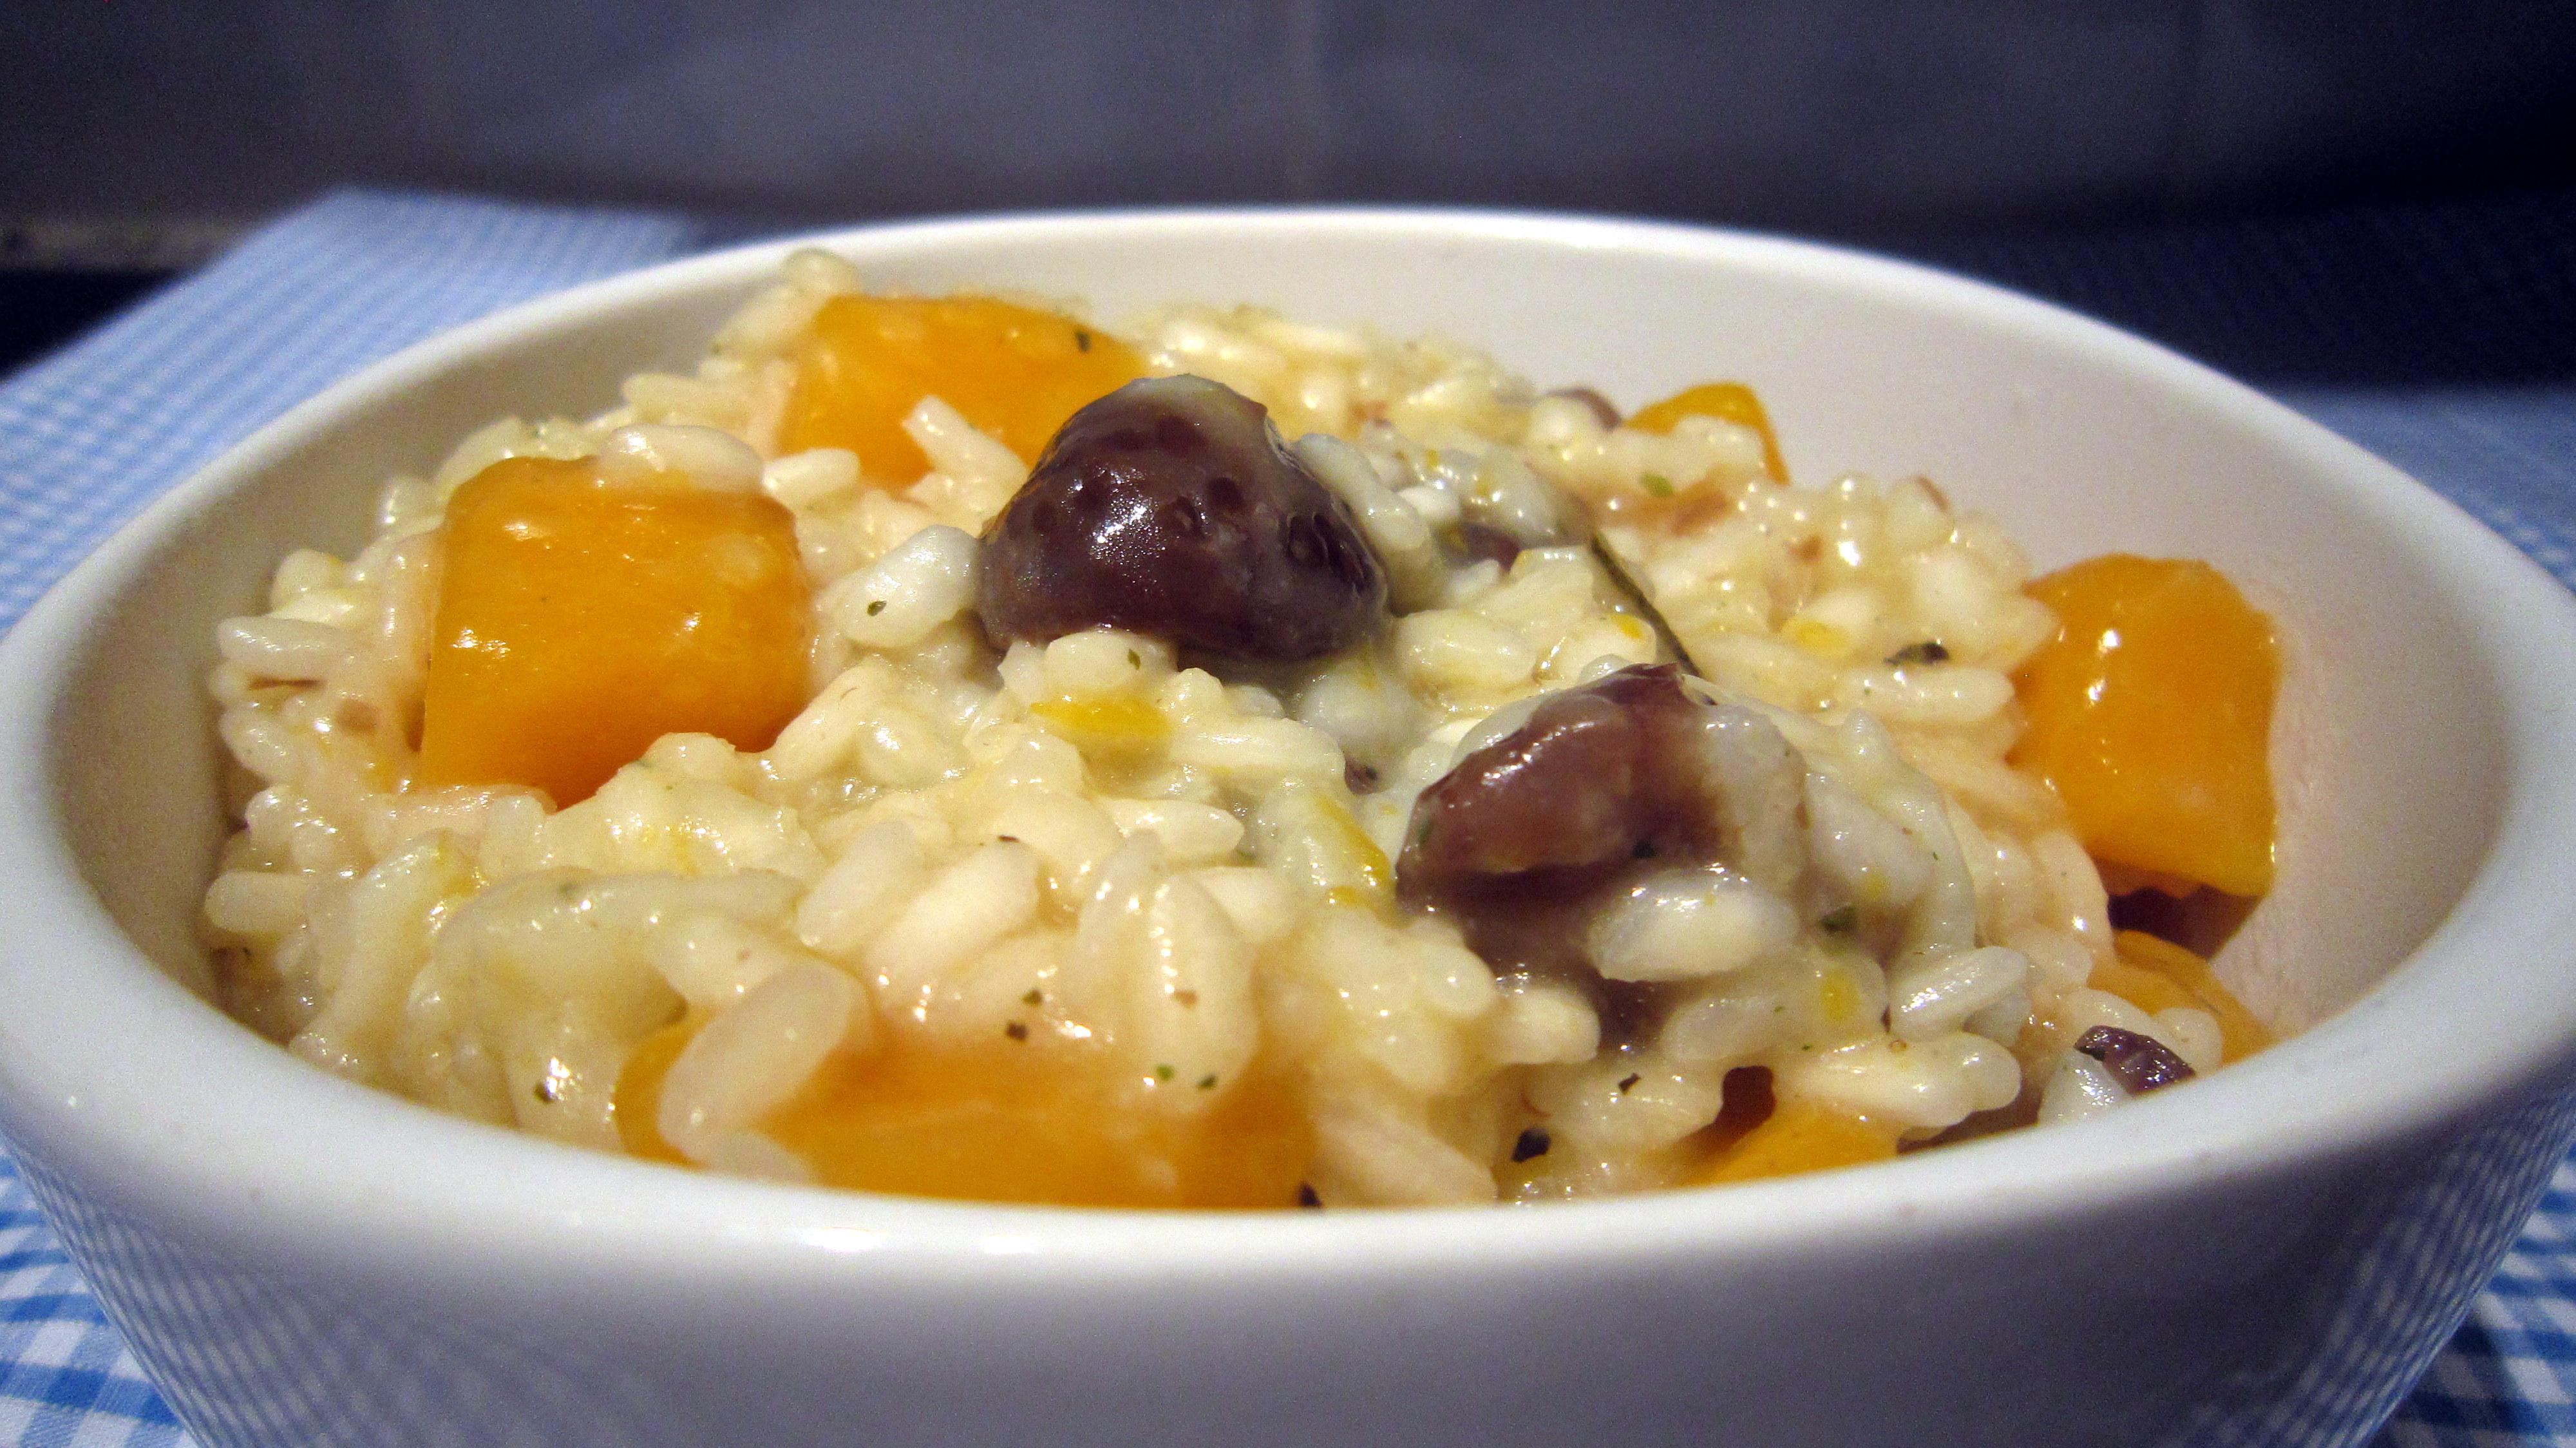 Chestnut Risotto With Butternut Squash Recipes — Dishmaps